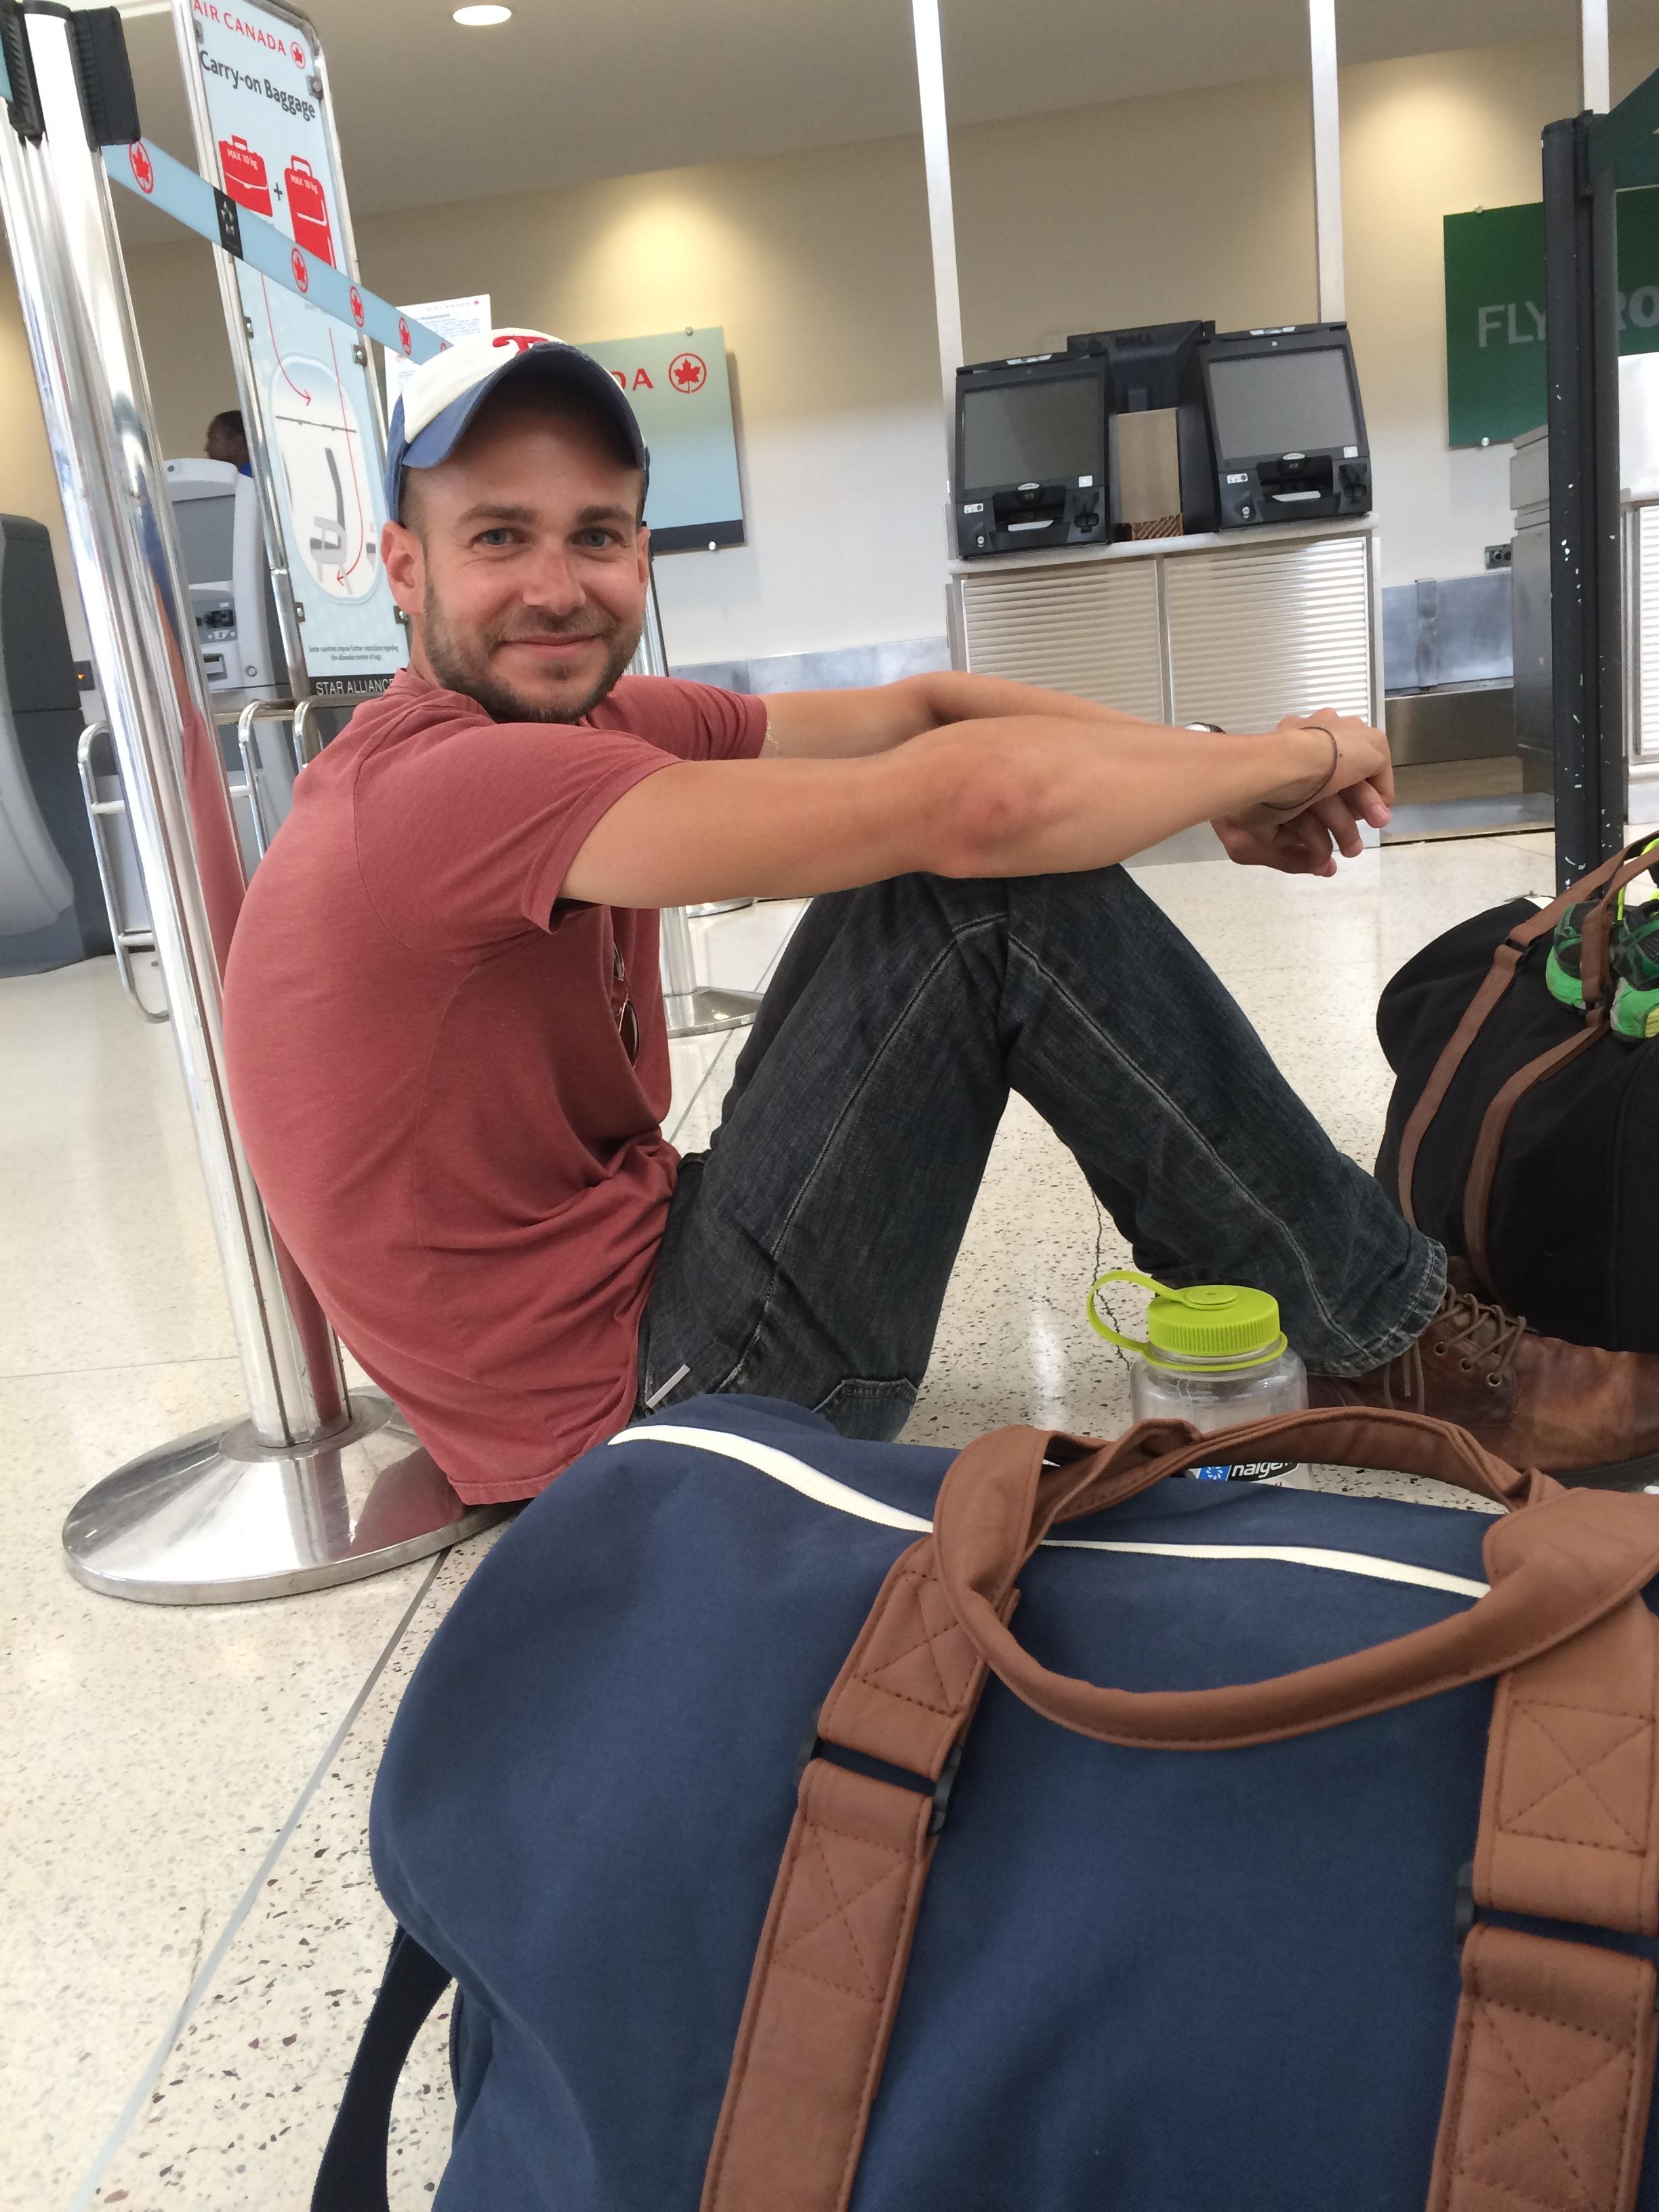 good times at Reagan airport guys!!!